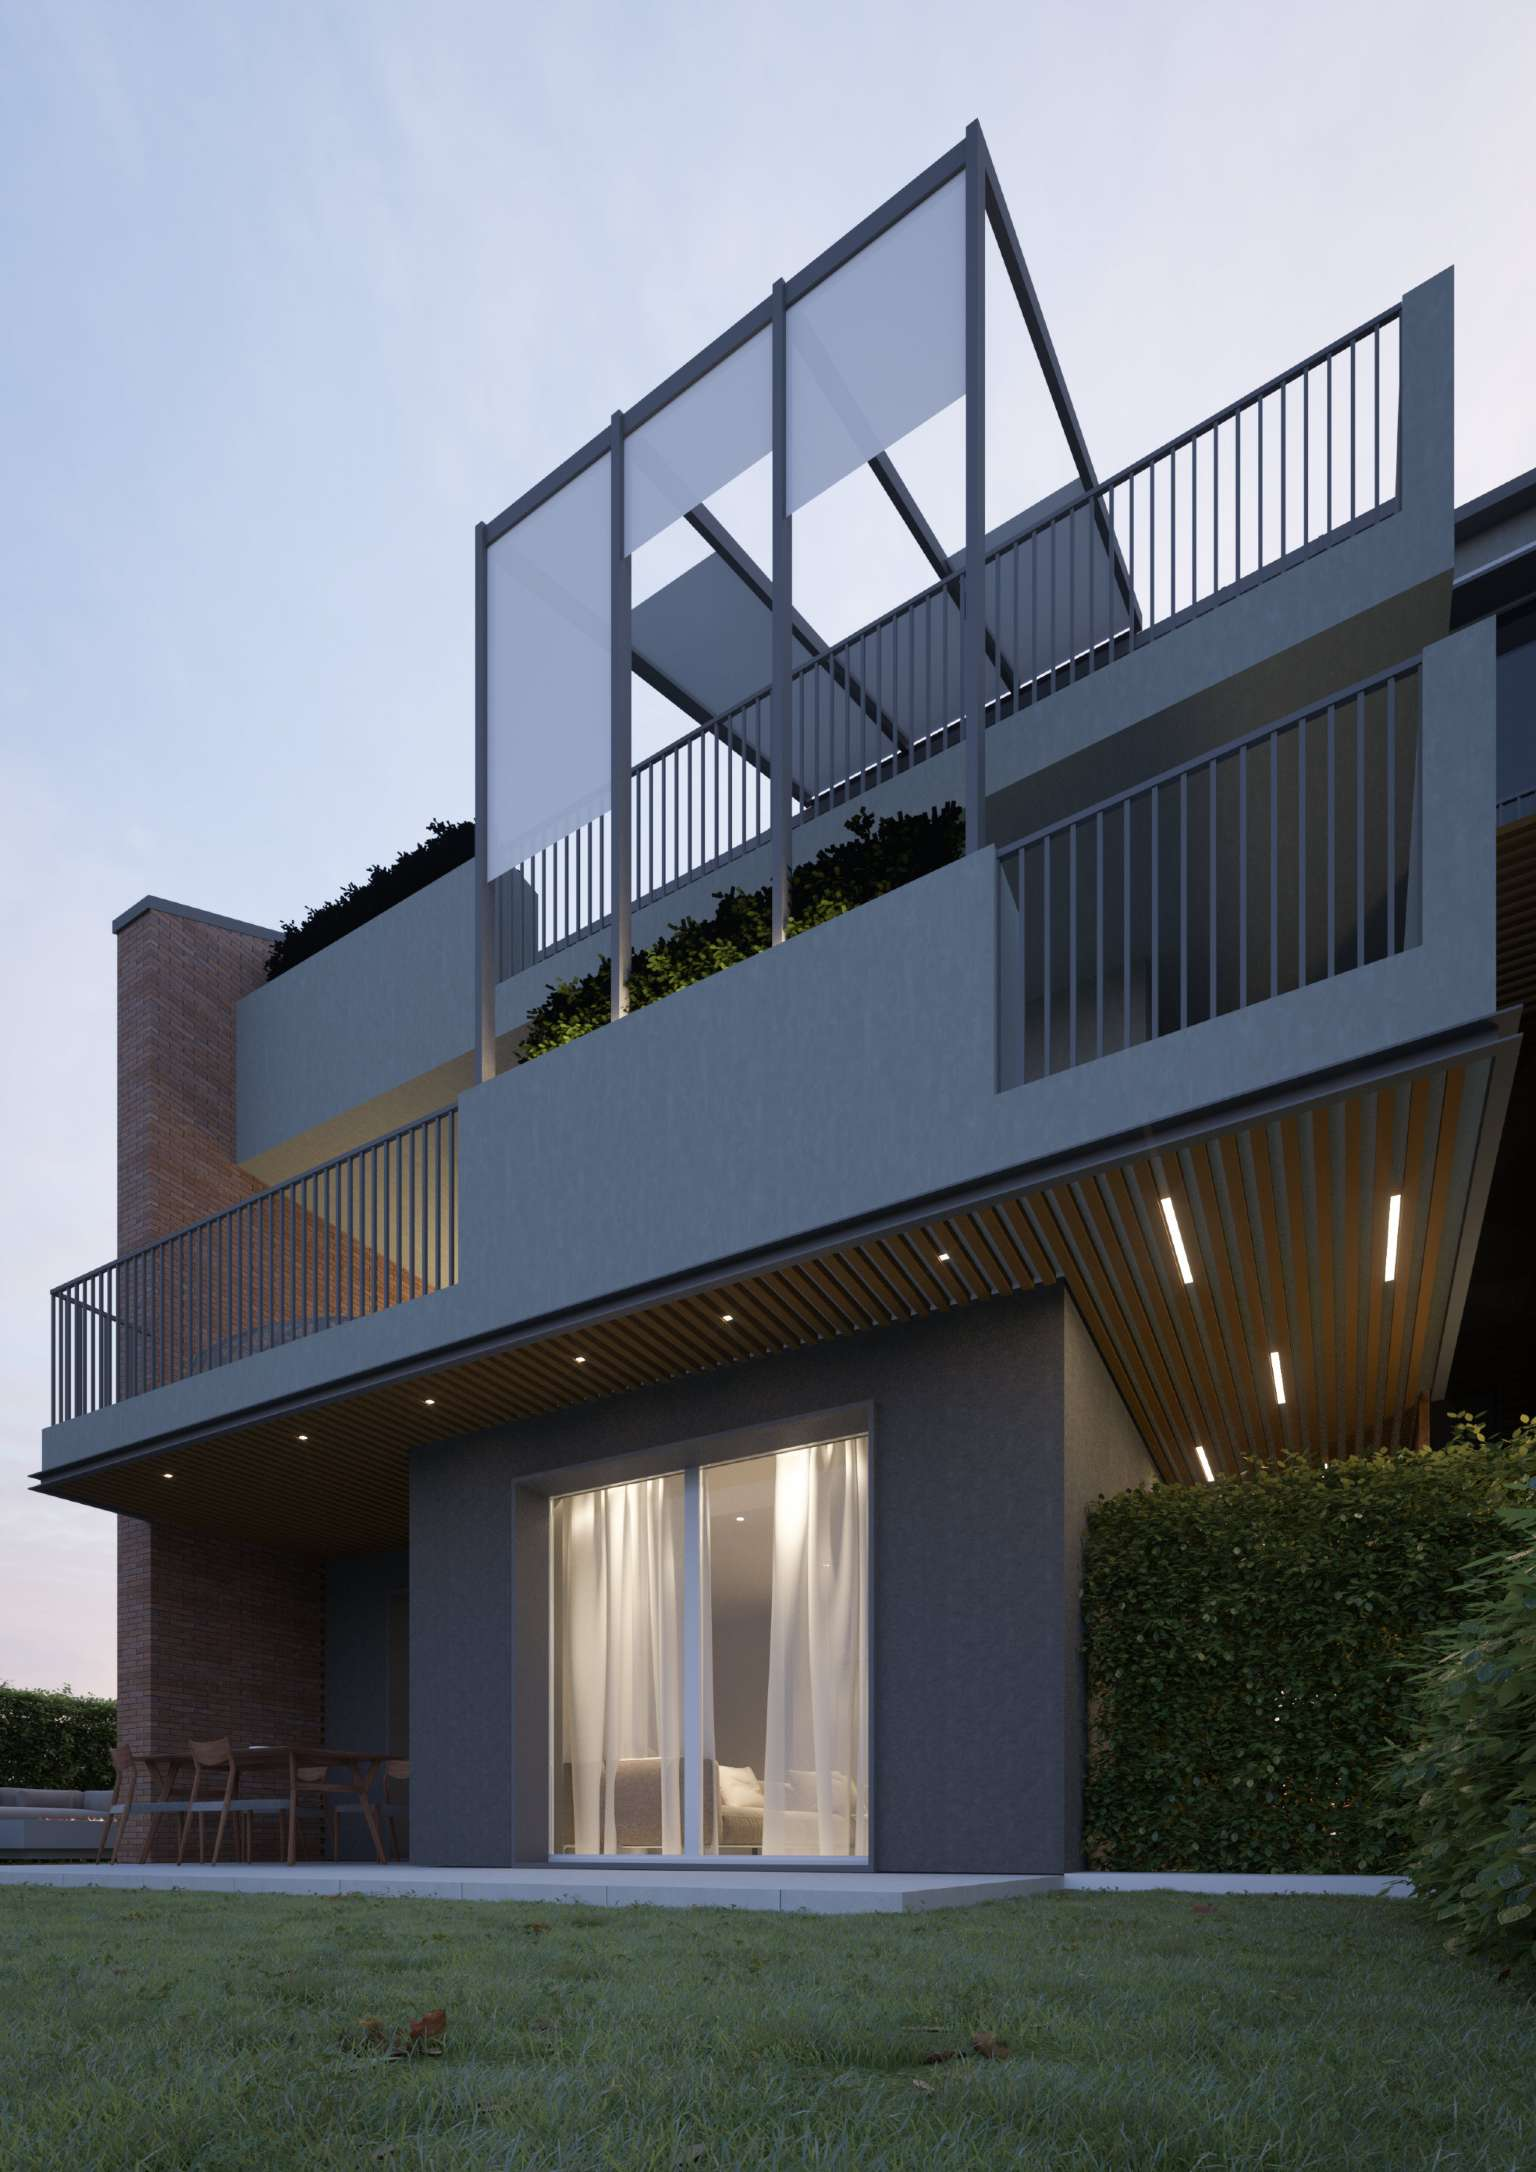 Appartamento in vendita a San Mauro Torinese, 8 locali, prezzo € 590.000 | PortaleAgenzieImmobiliari.it